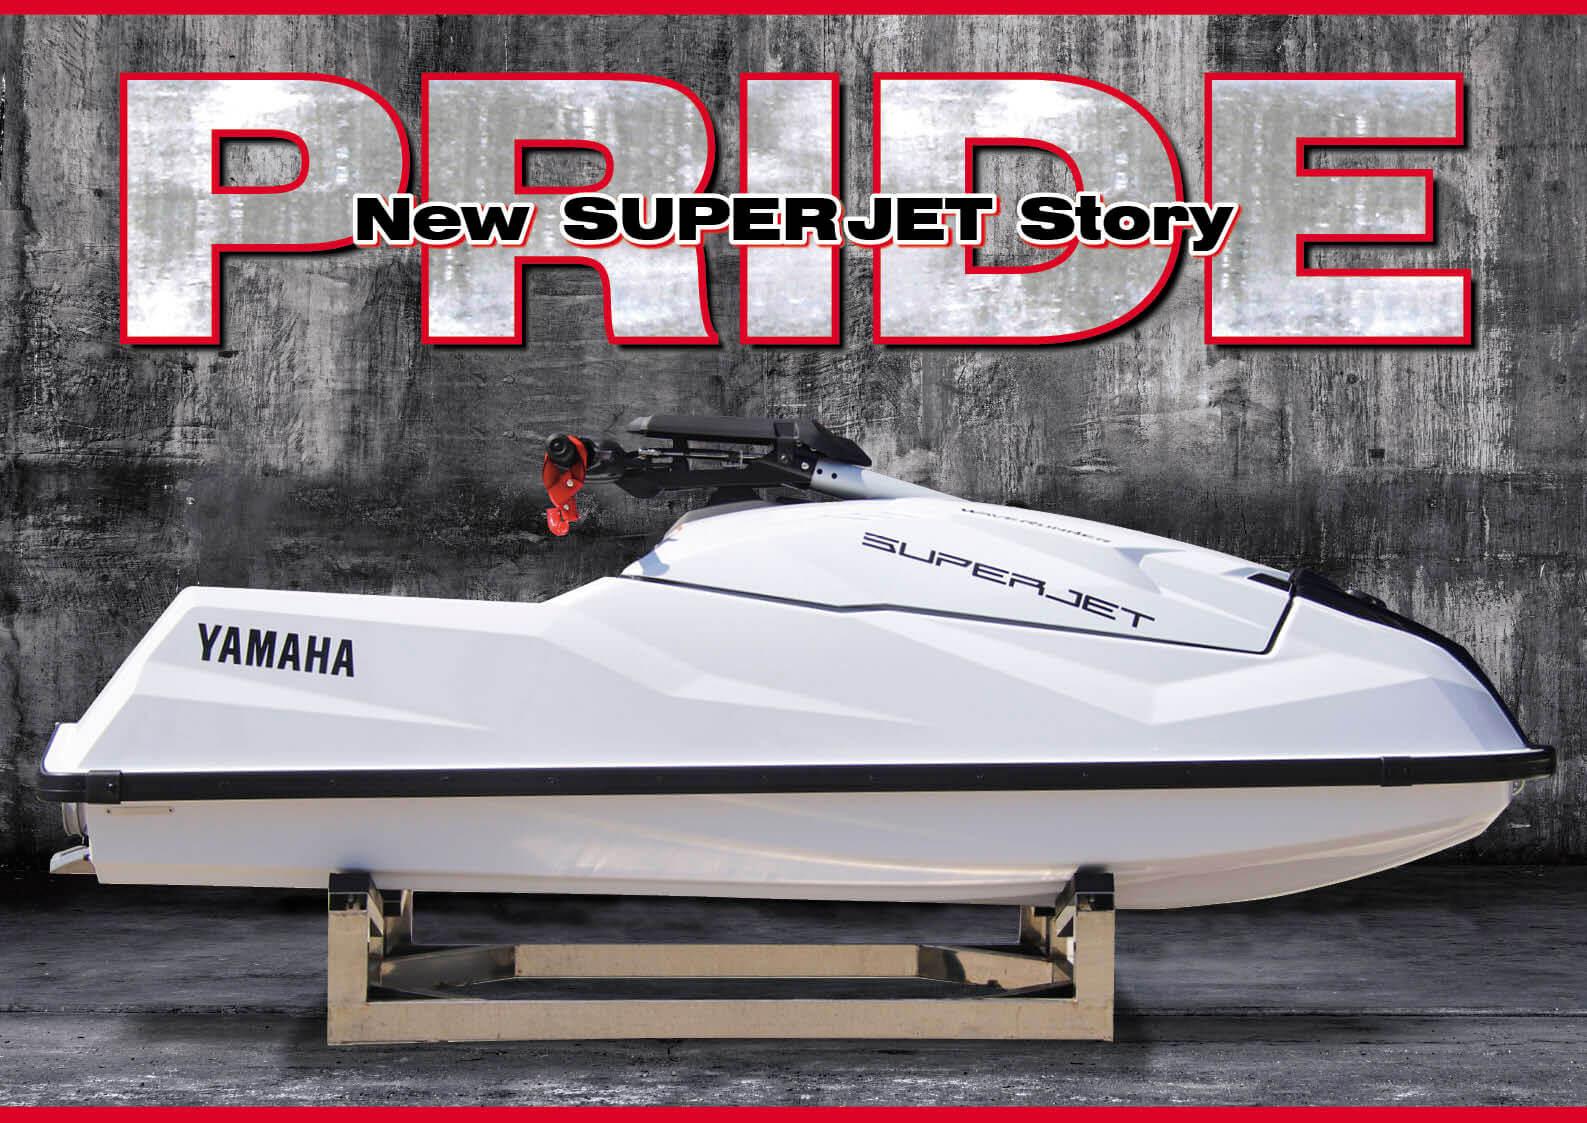 ①   2021 YAMAHA(ヤマハ) Super Jet(スーパージェット) WJS編集部による解説と試乗インプレッション 水上バイク(ジェットスキー)